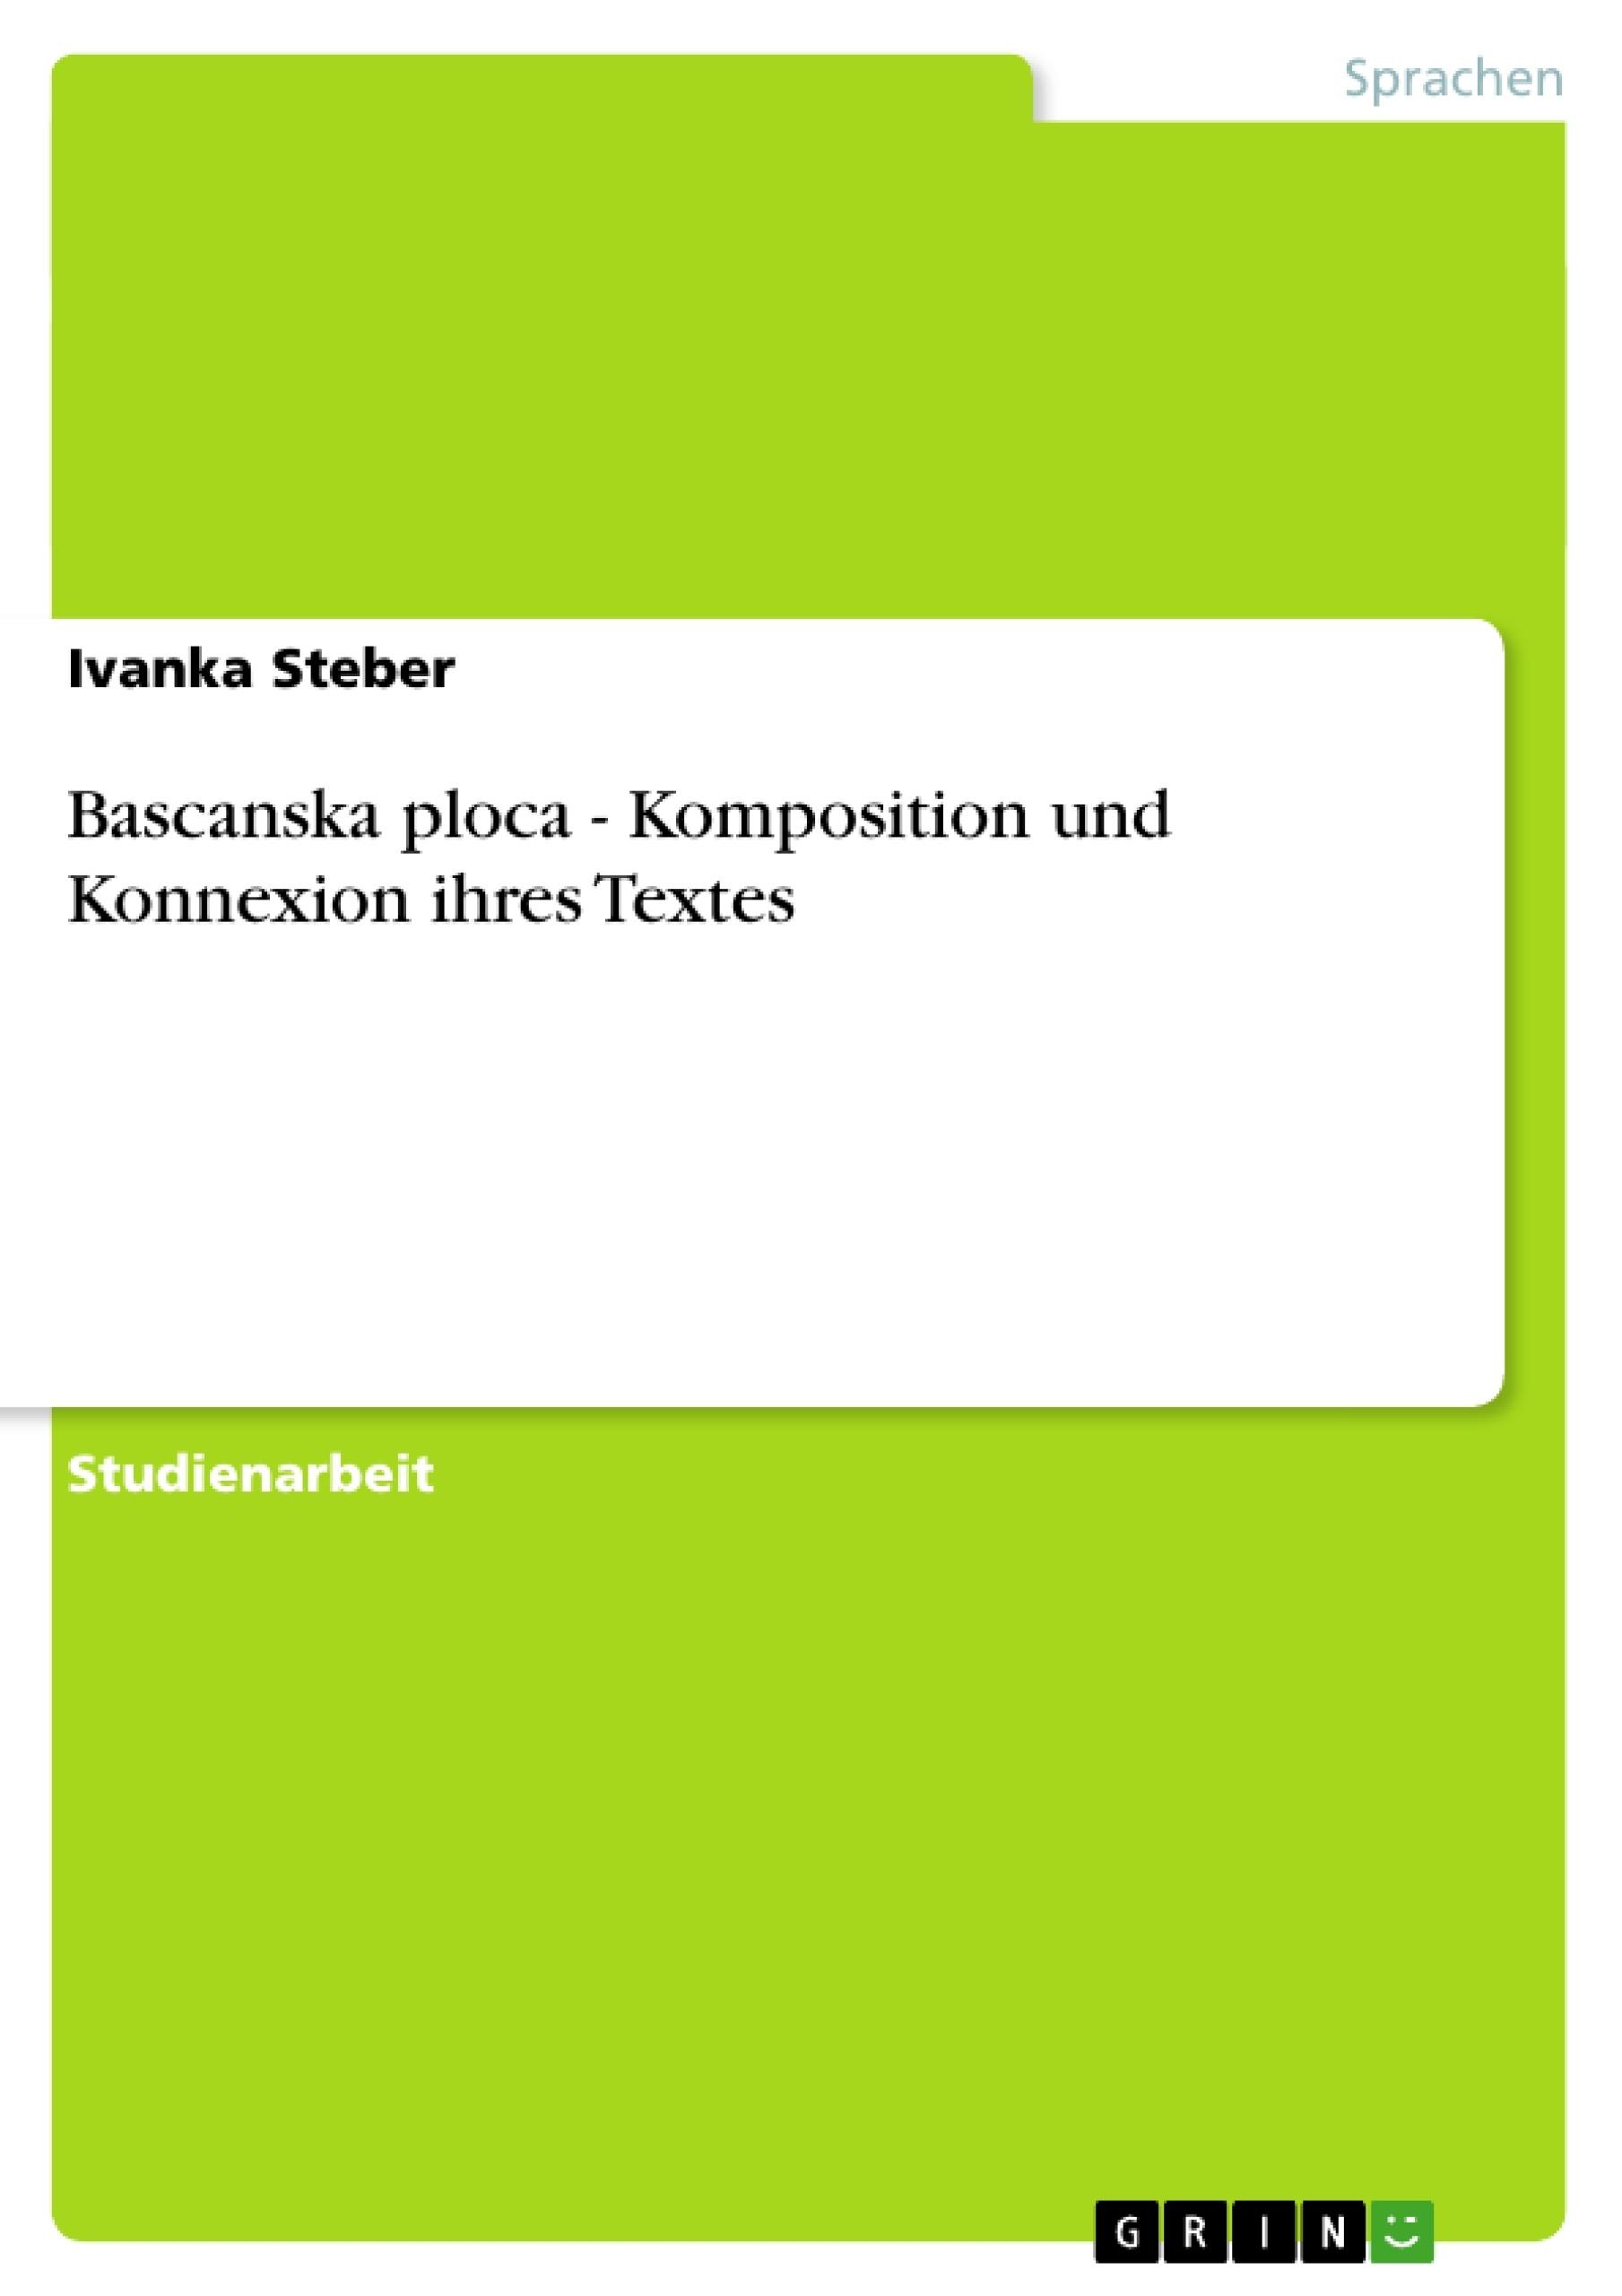 Titel: Bascanska ploca - Komposition und Konnexion ihres Textes